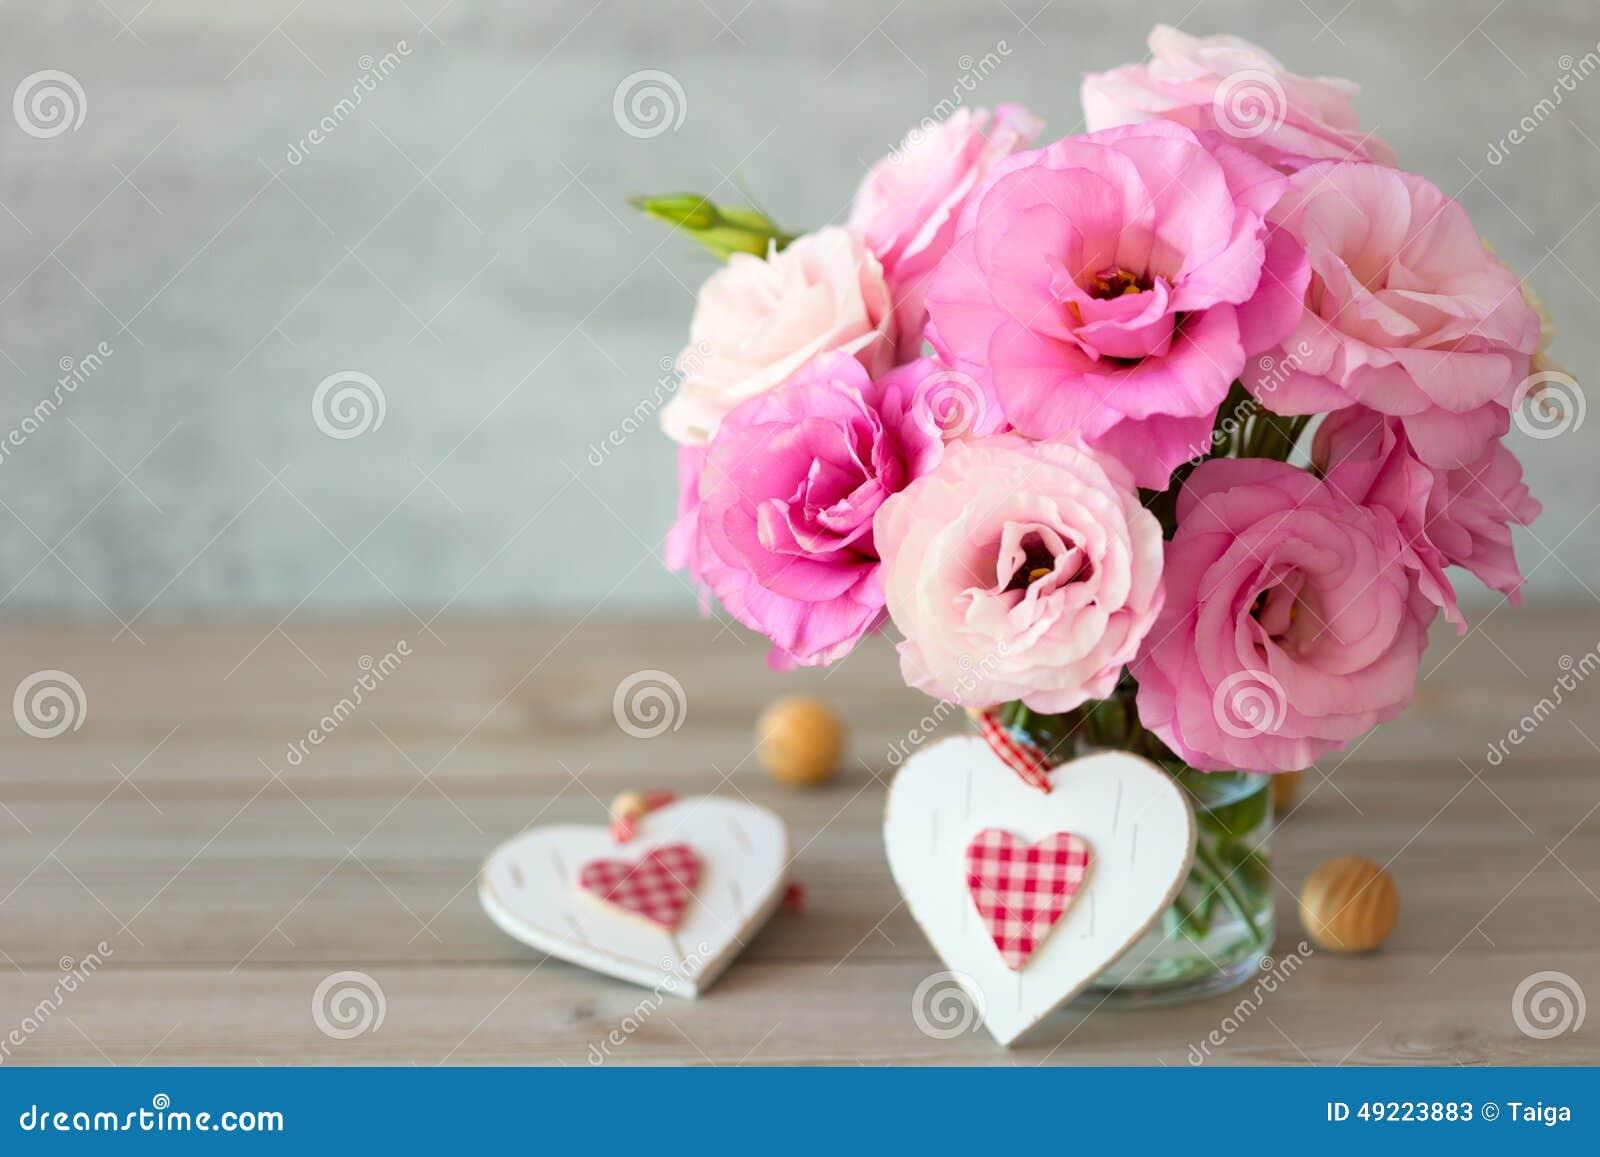 Δύο όμορφα λουλούδια του χειροποίητου βαλεντίνου καρδιές και